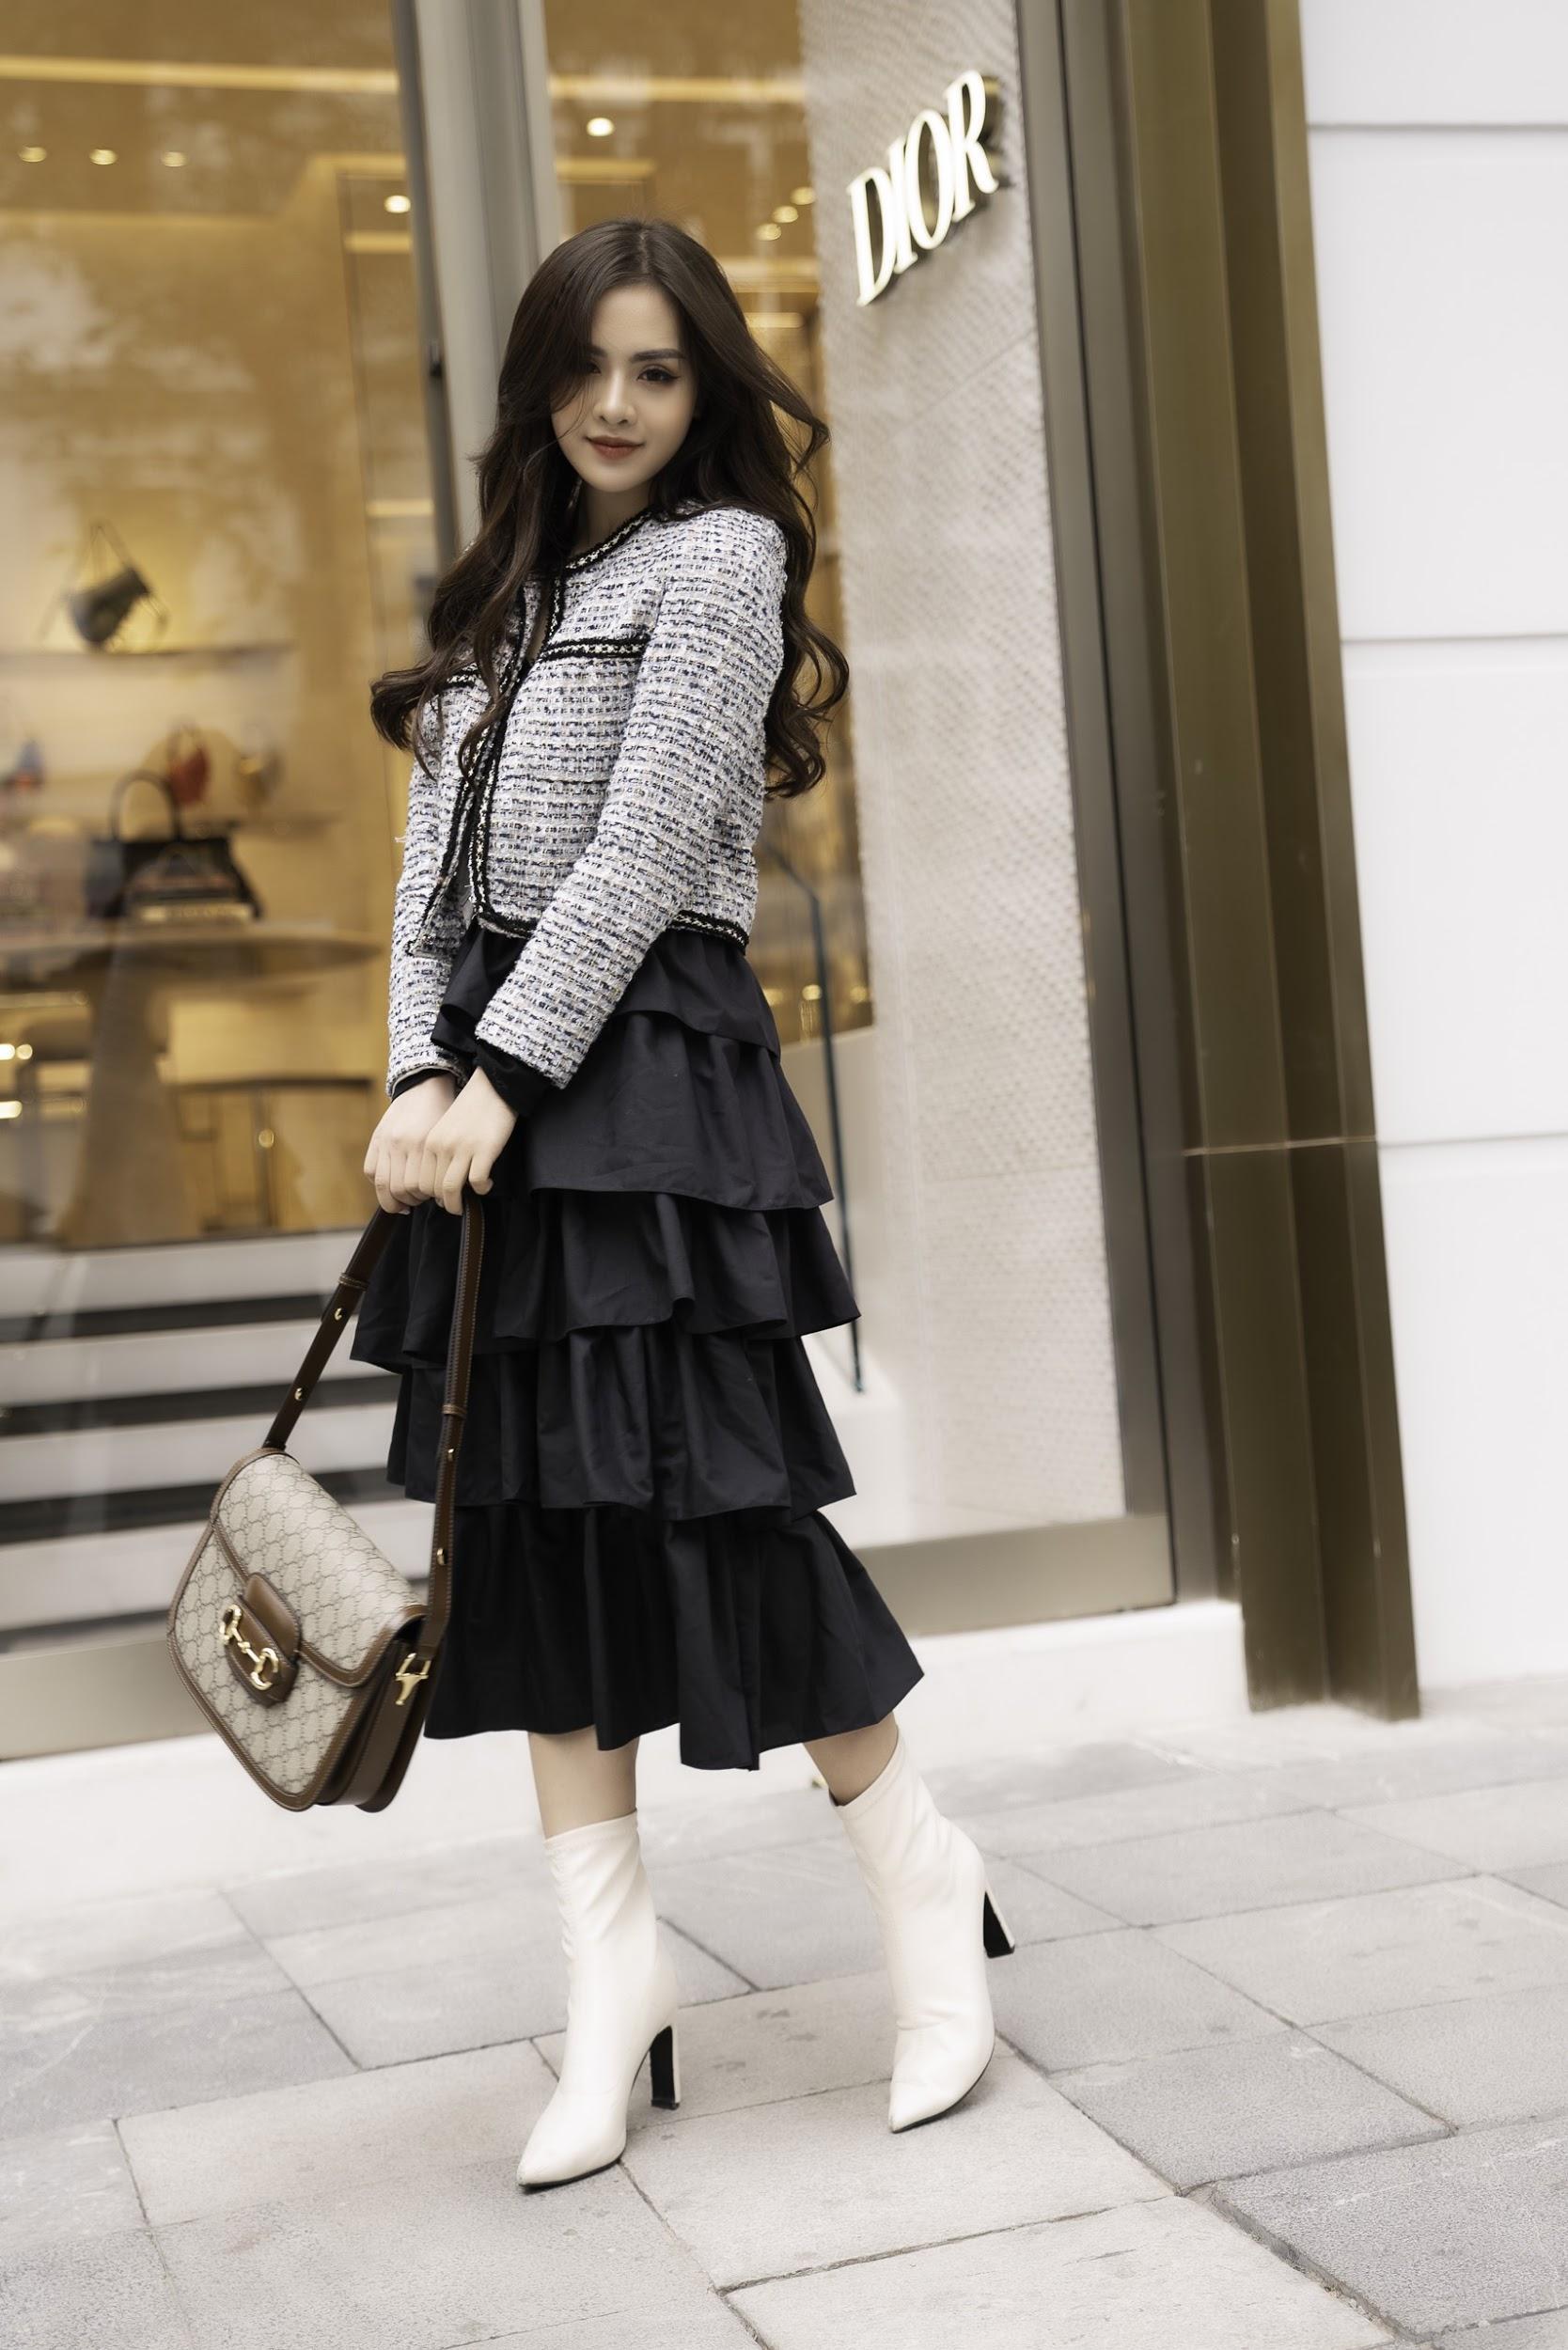 Gặp gỡ cô nàng sinh viên năm 2 trường Báo đang được nhiều brand thời trang săn đón - Ảnh 3.